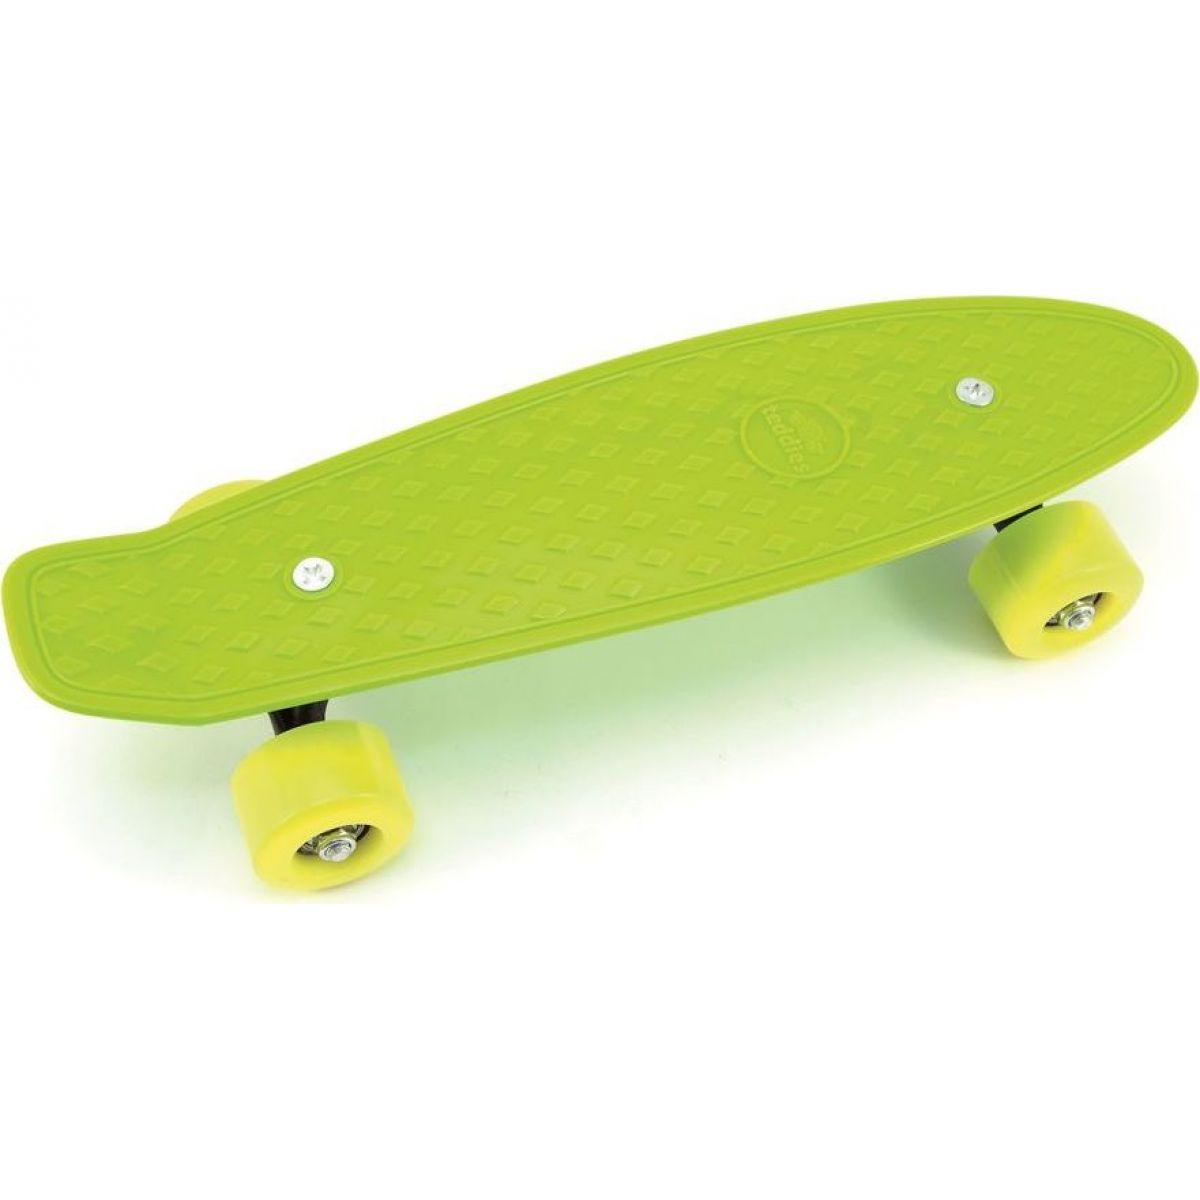 Skateboard pennyboard 43 cm zelený